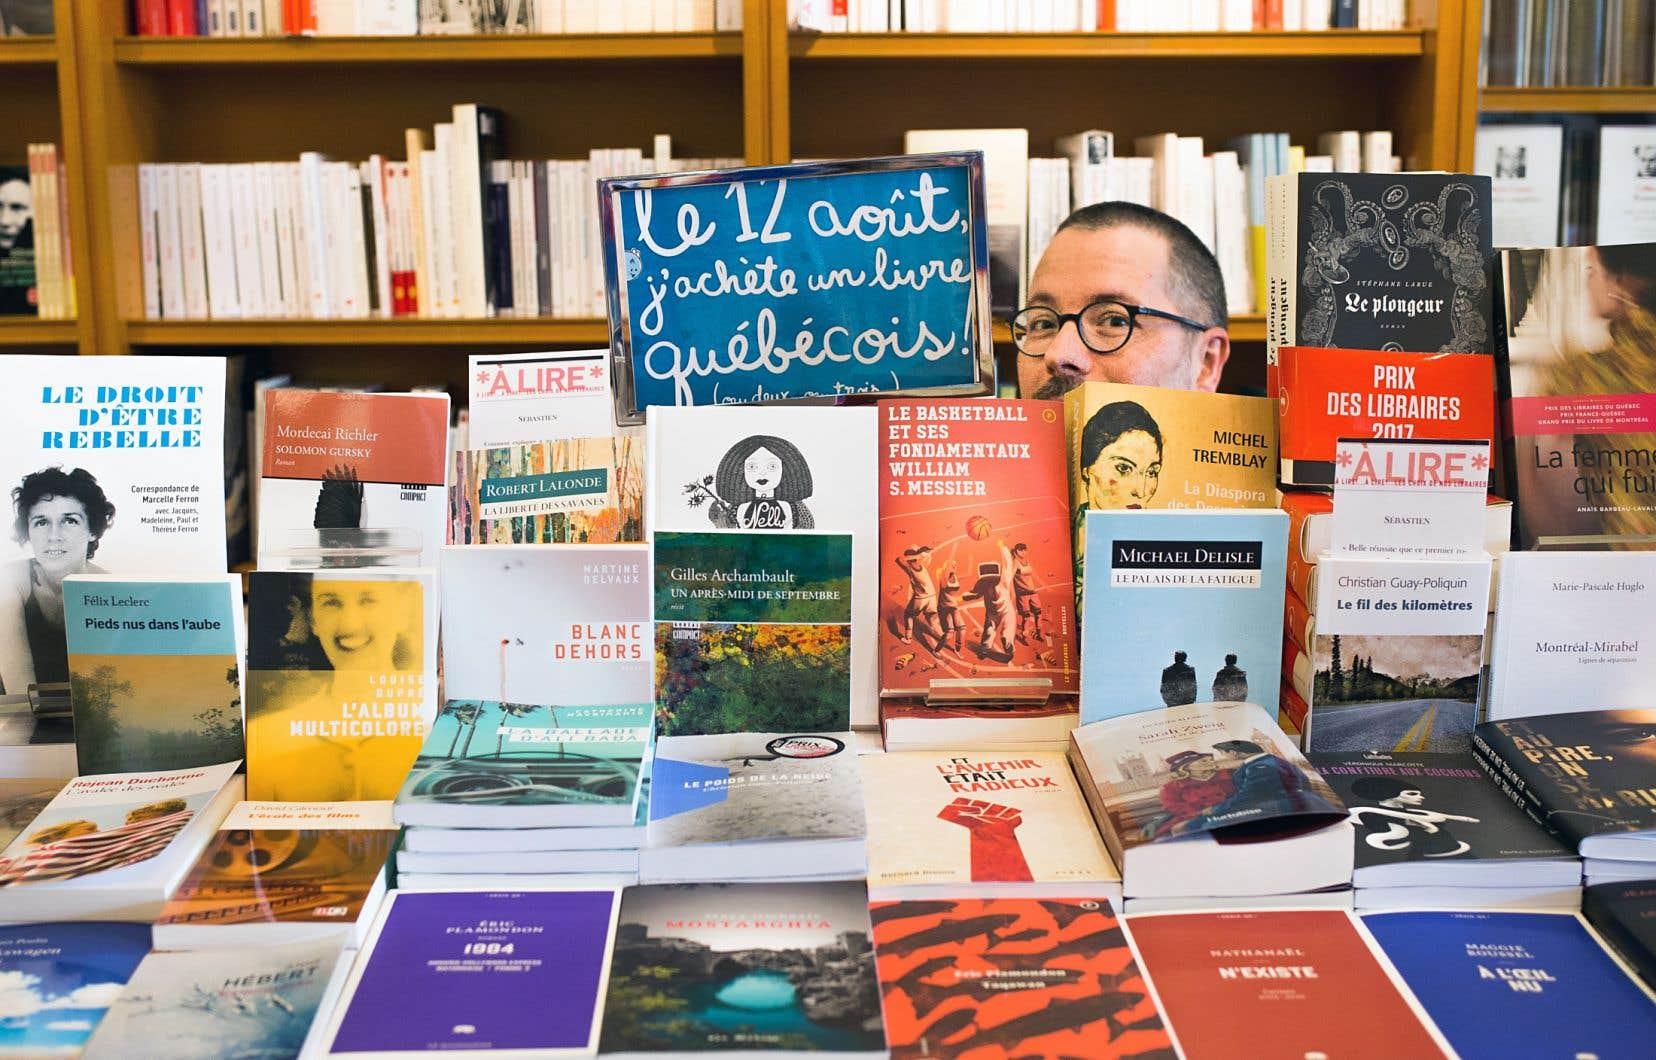 Selon le rapport annuel, les ventes au détail de livres au Québec ont augmenté de 6% en 2017.